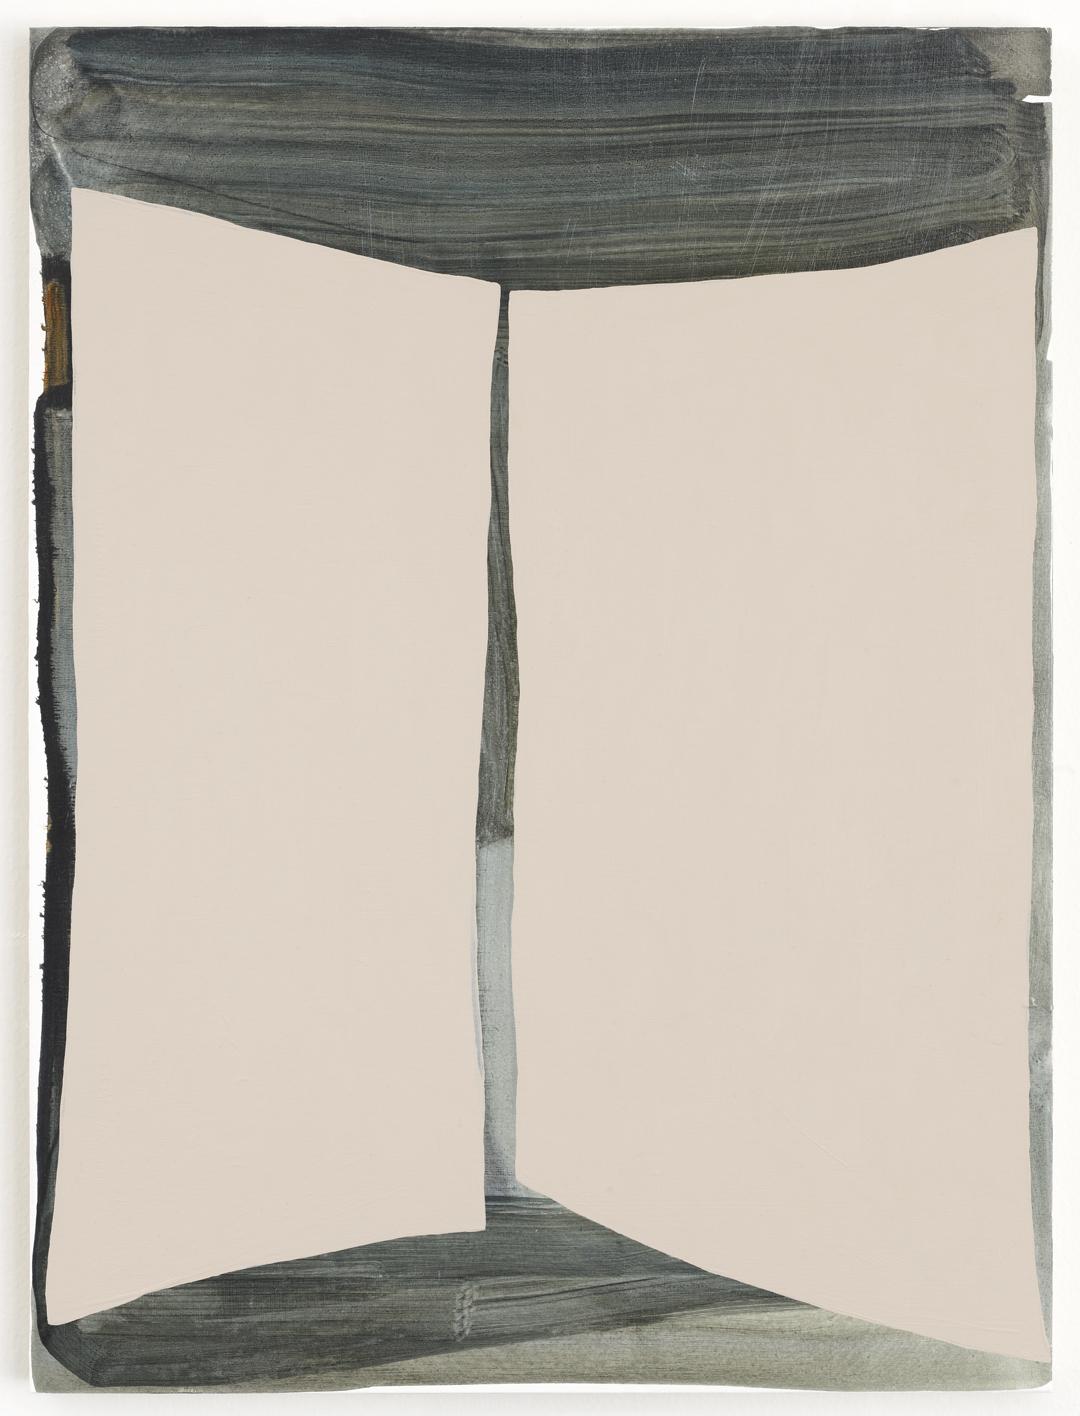 Henge, 2012 Acrylic on wood panel 24 x 18 inches